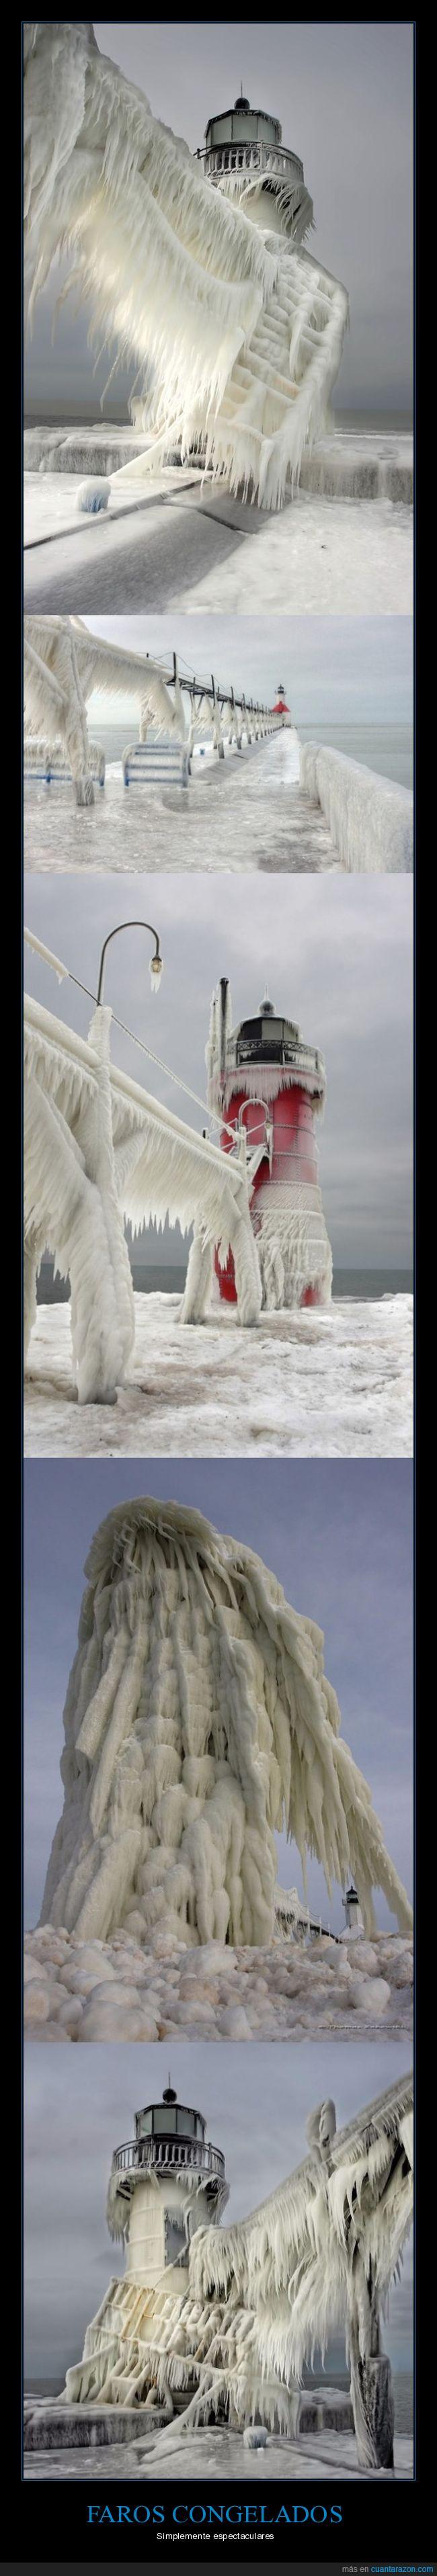 congelados,faros,hielo,Thomas Zakowski